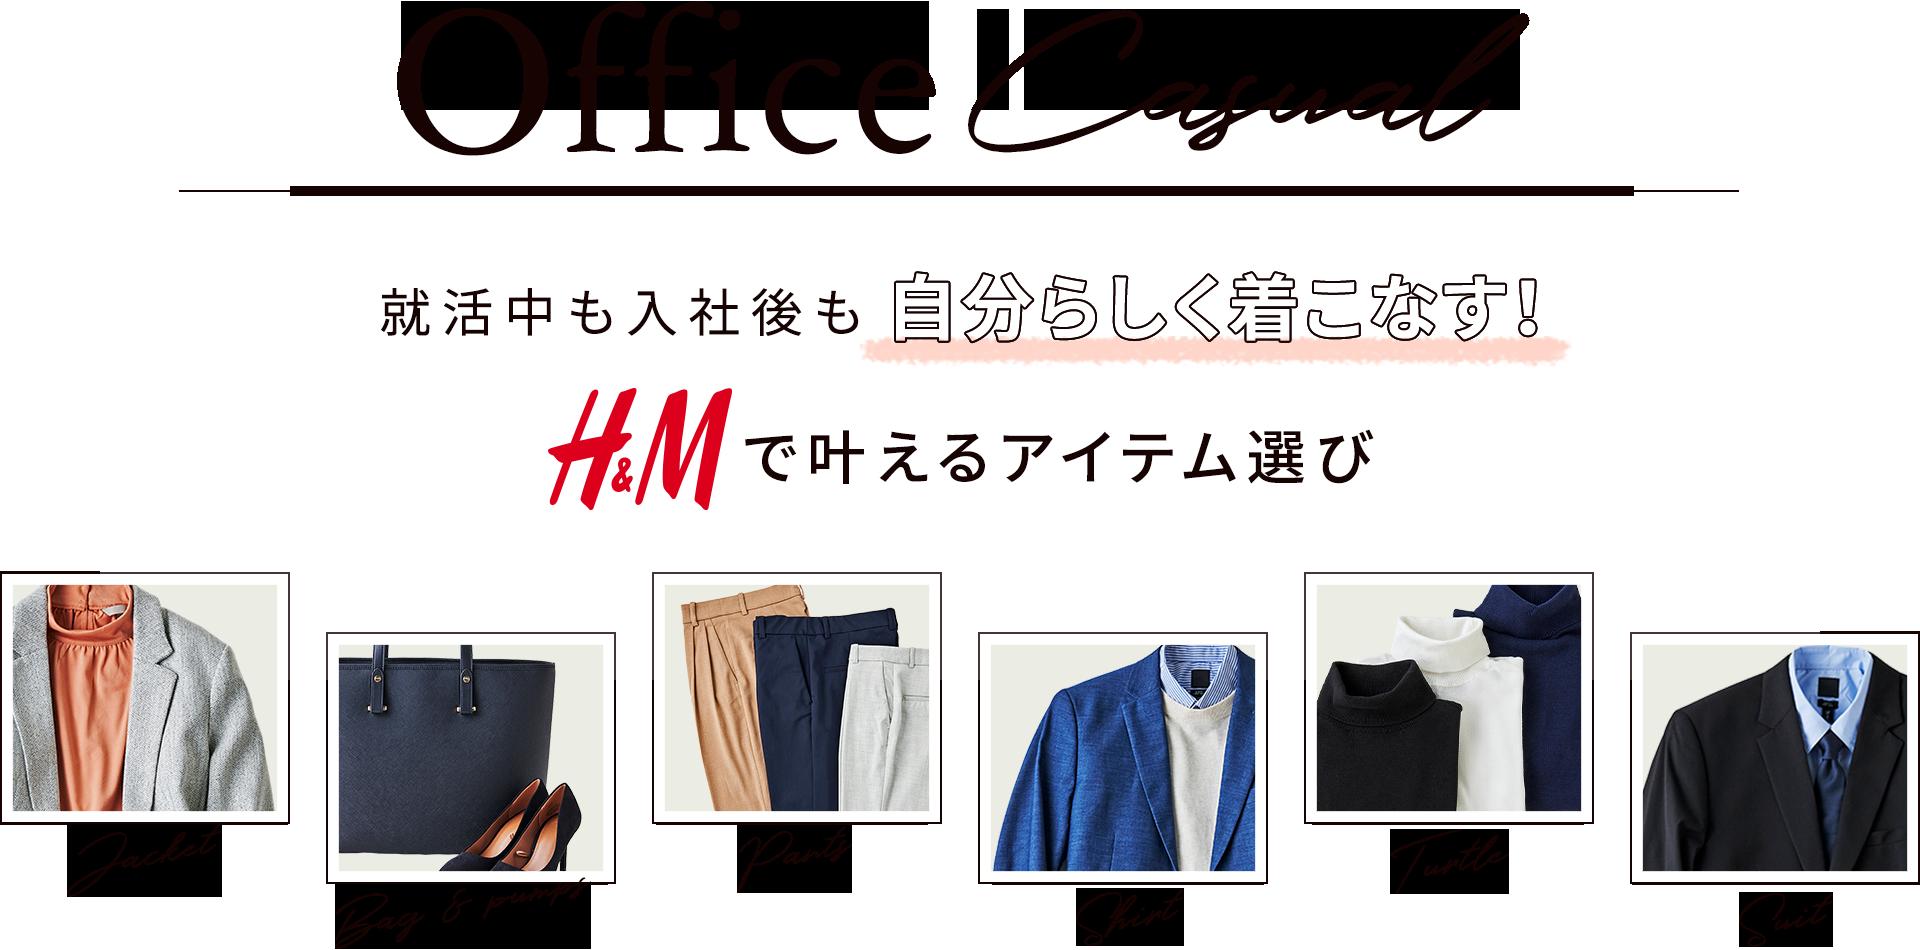 就活中も入社後も自分らしく着こなす! H&Mで叶えるアイテム選び